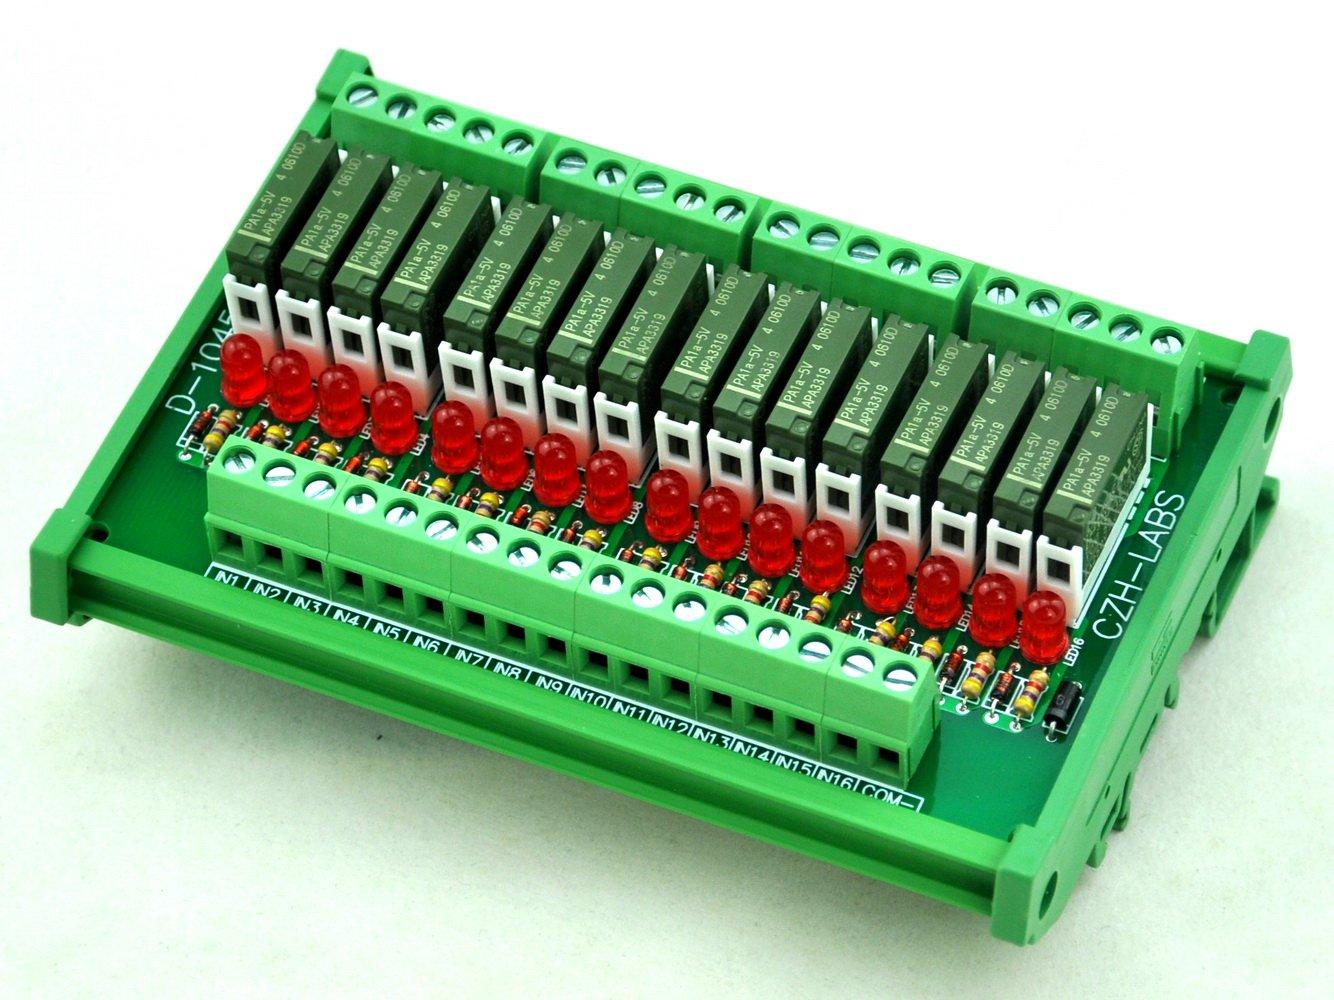 PNP 16 SPST-NO 5A Potere Electronics-Salon Modulo rel/è Slim montaggio su guida DIN DC5V Fonte PA1a-5V